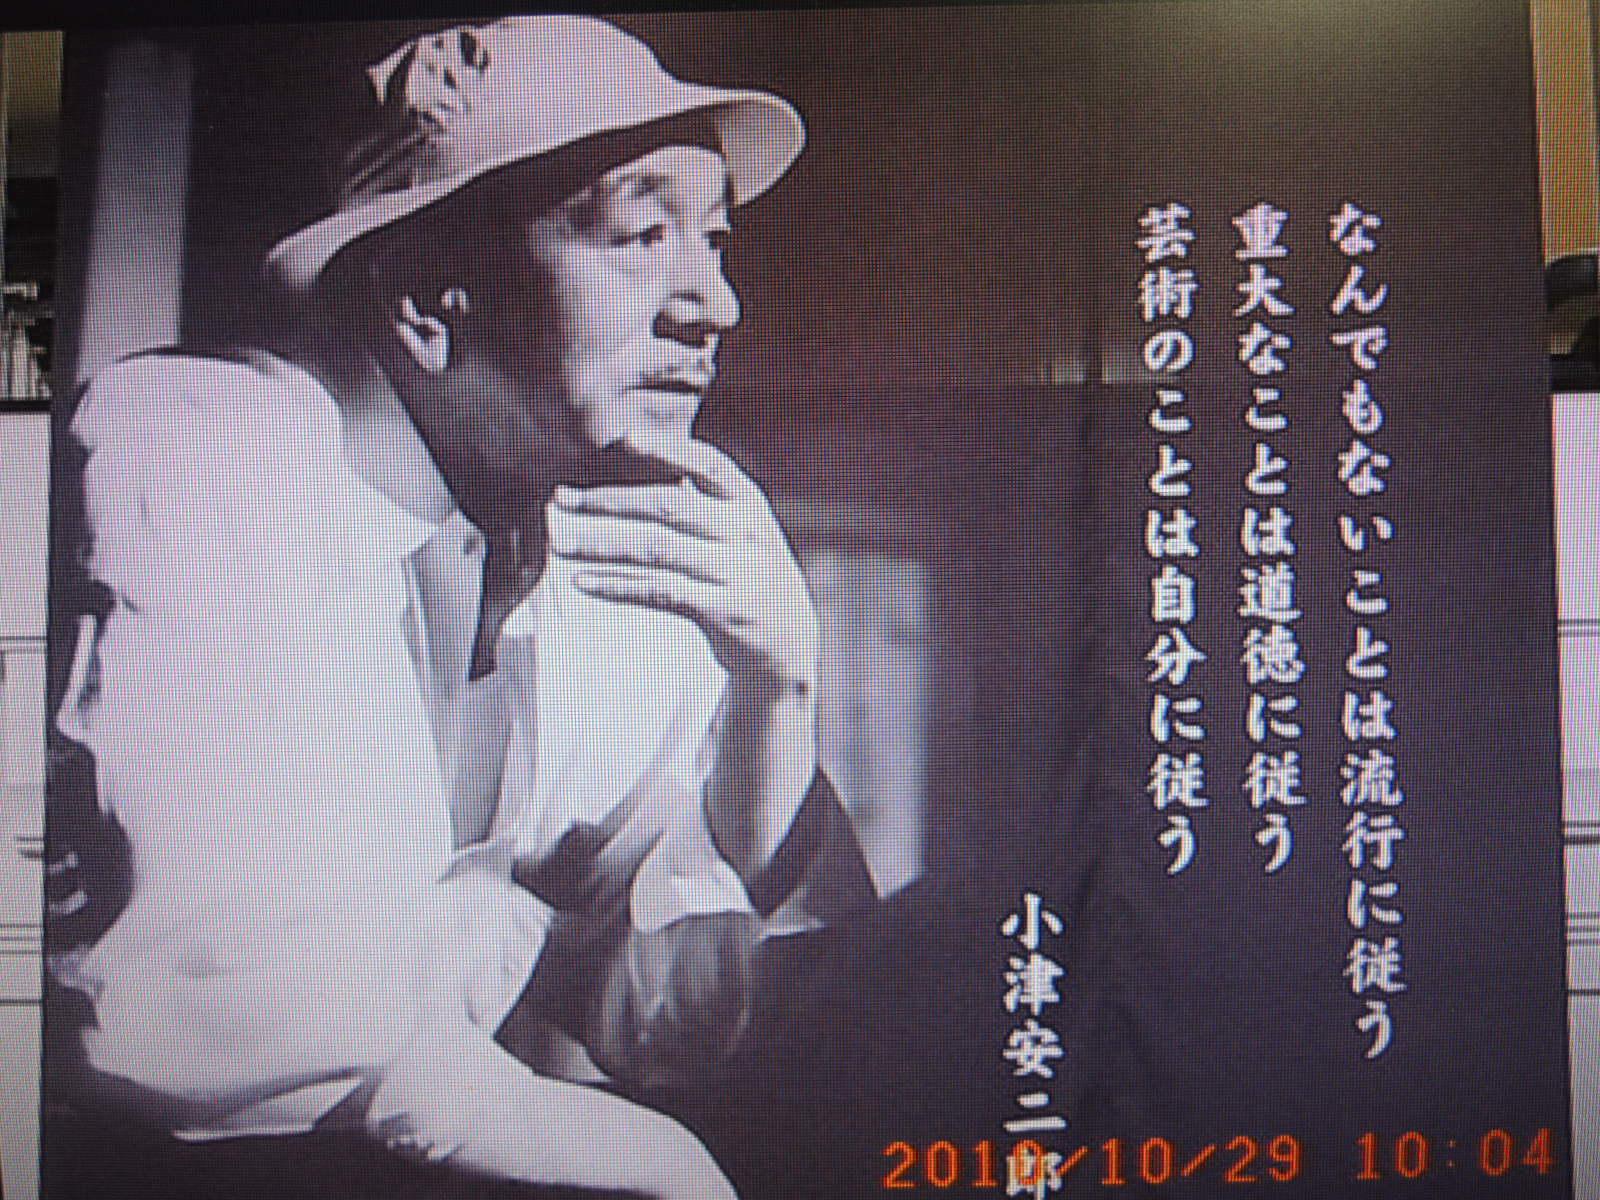 小津安二郎 まとめ索引 - snclimbのブログはじめました!